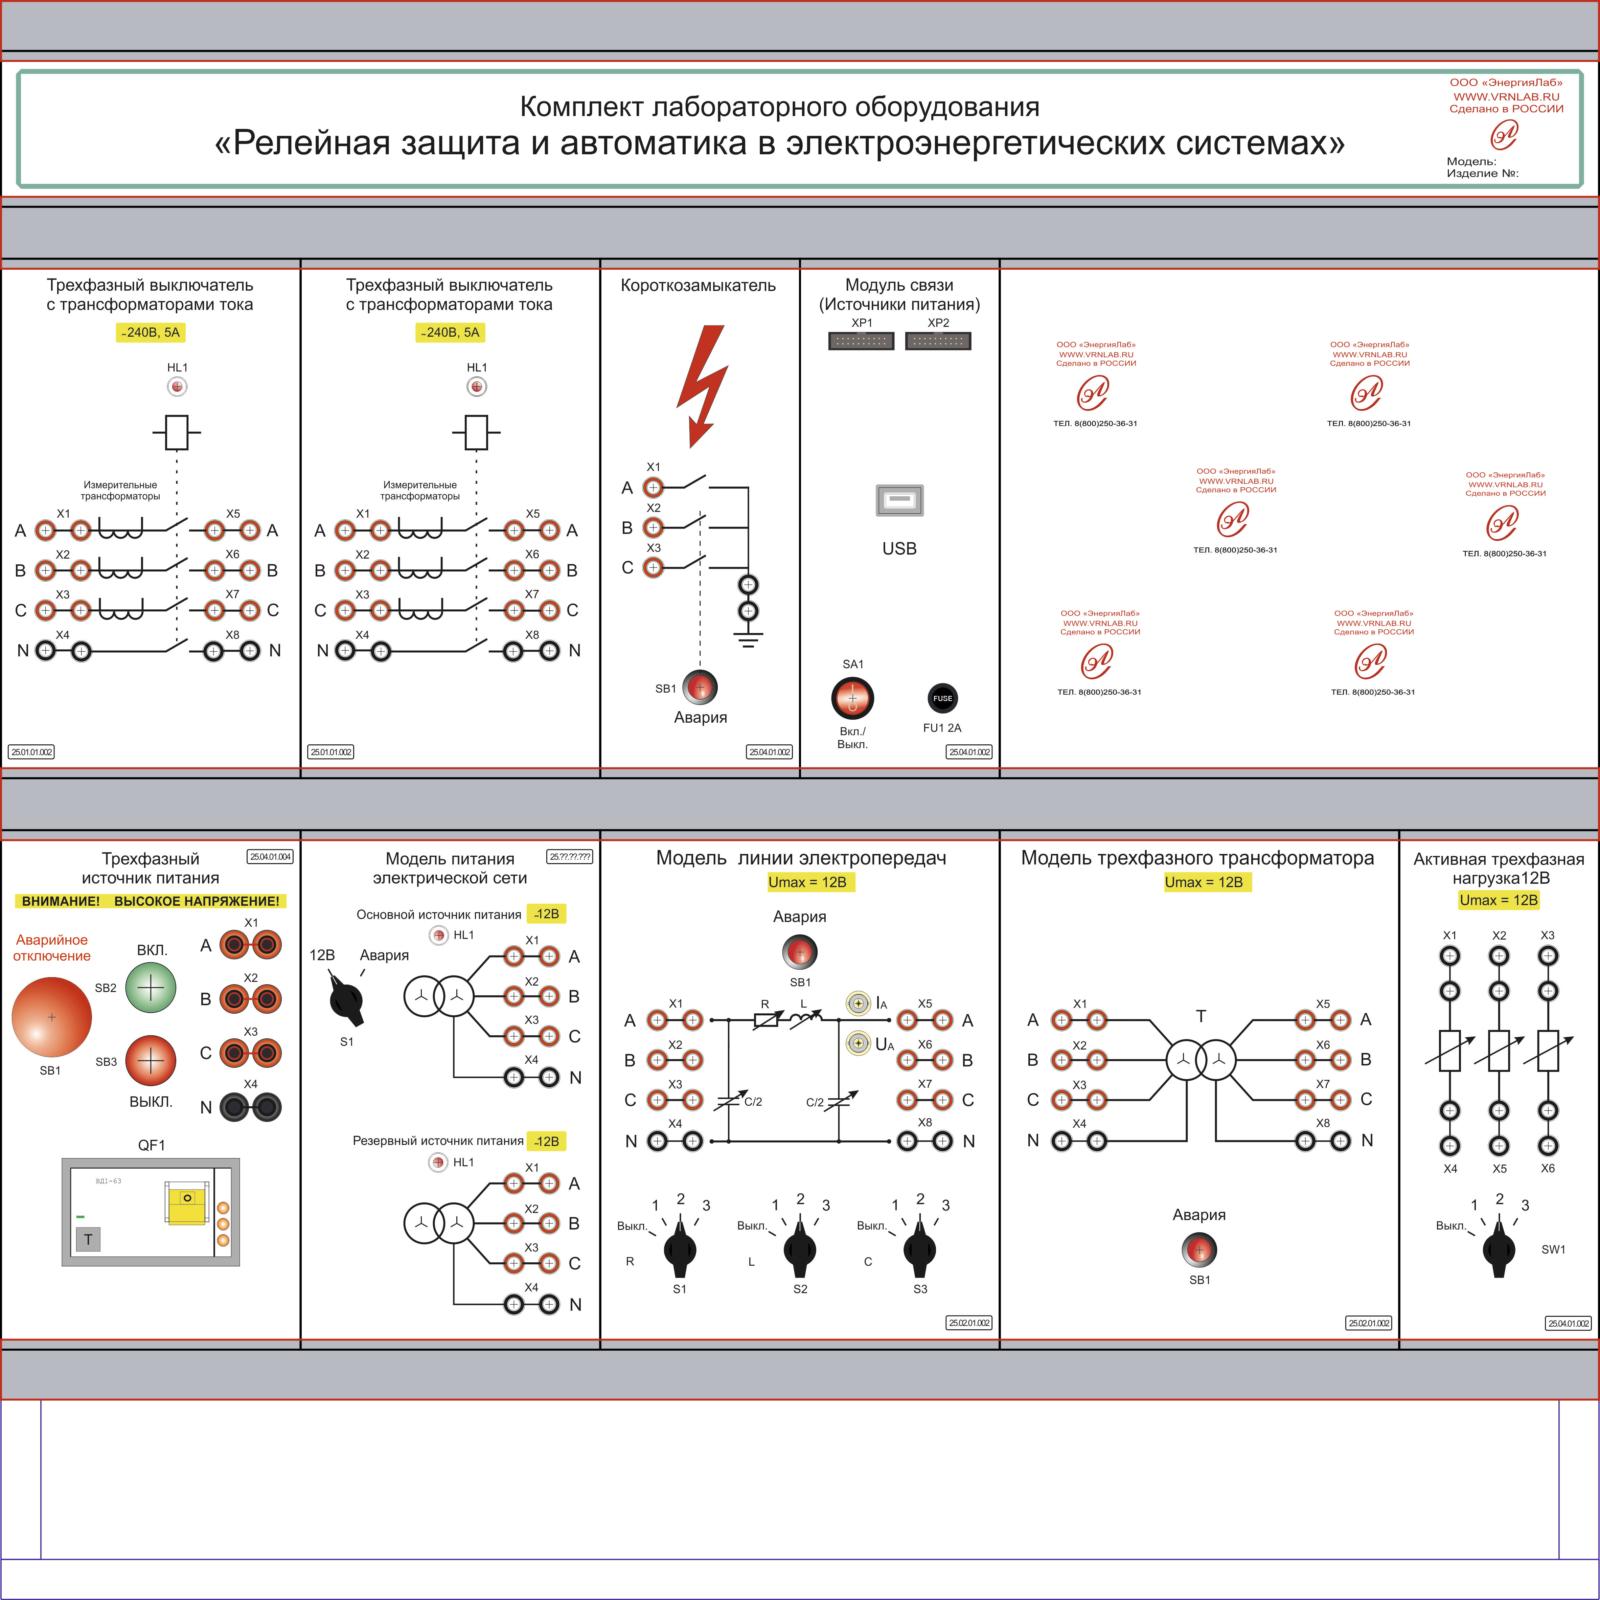 Микропроцессорные устройства релейной защиты